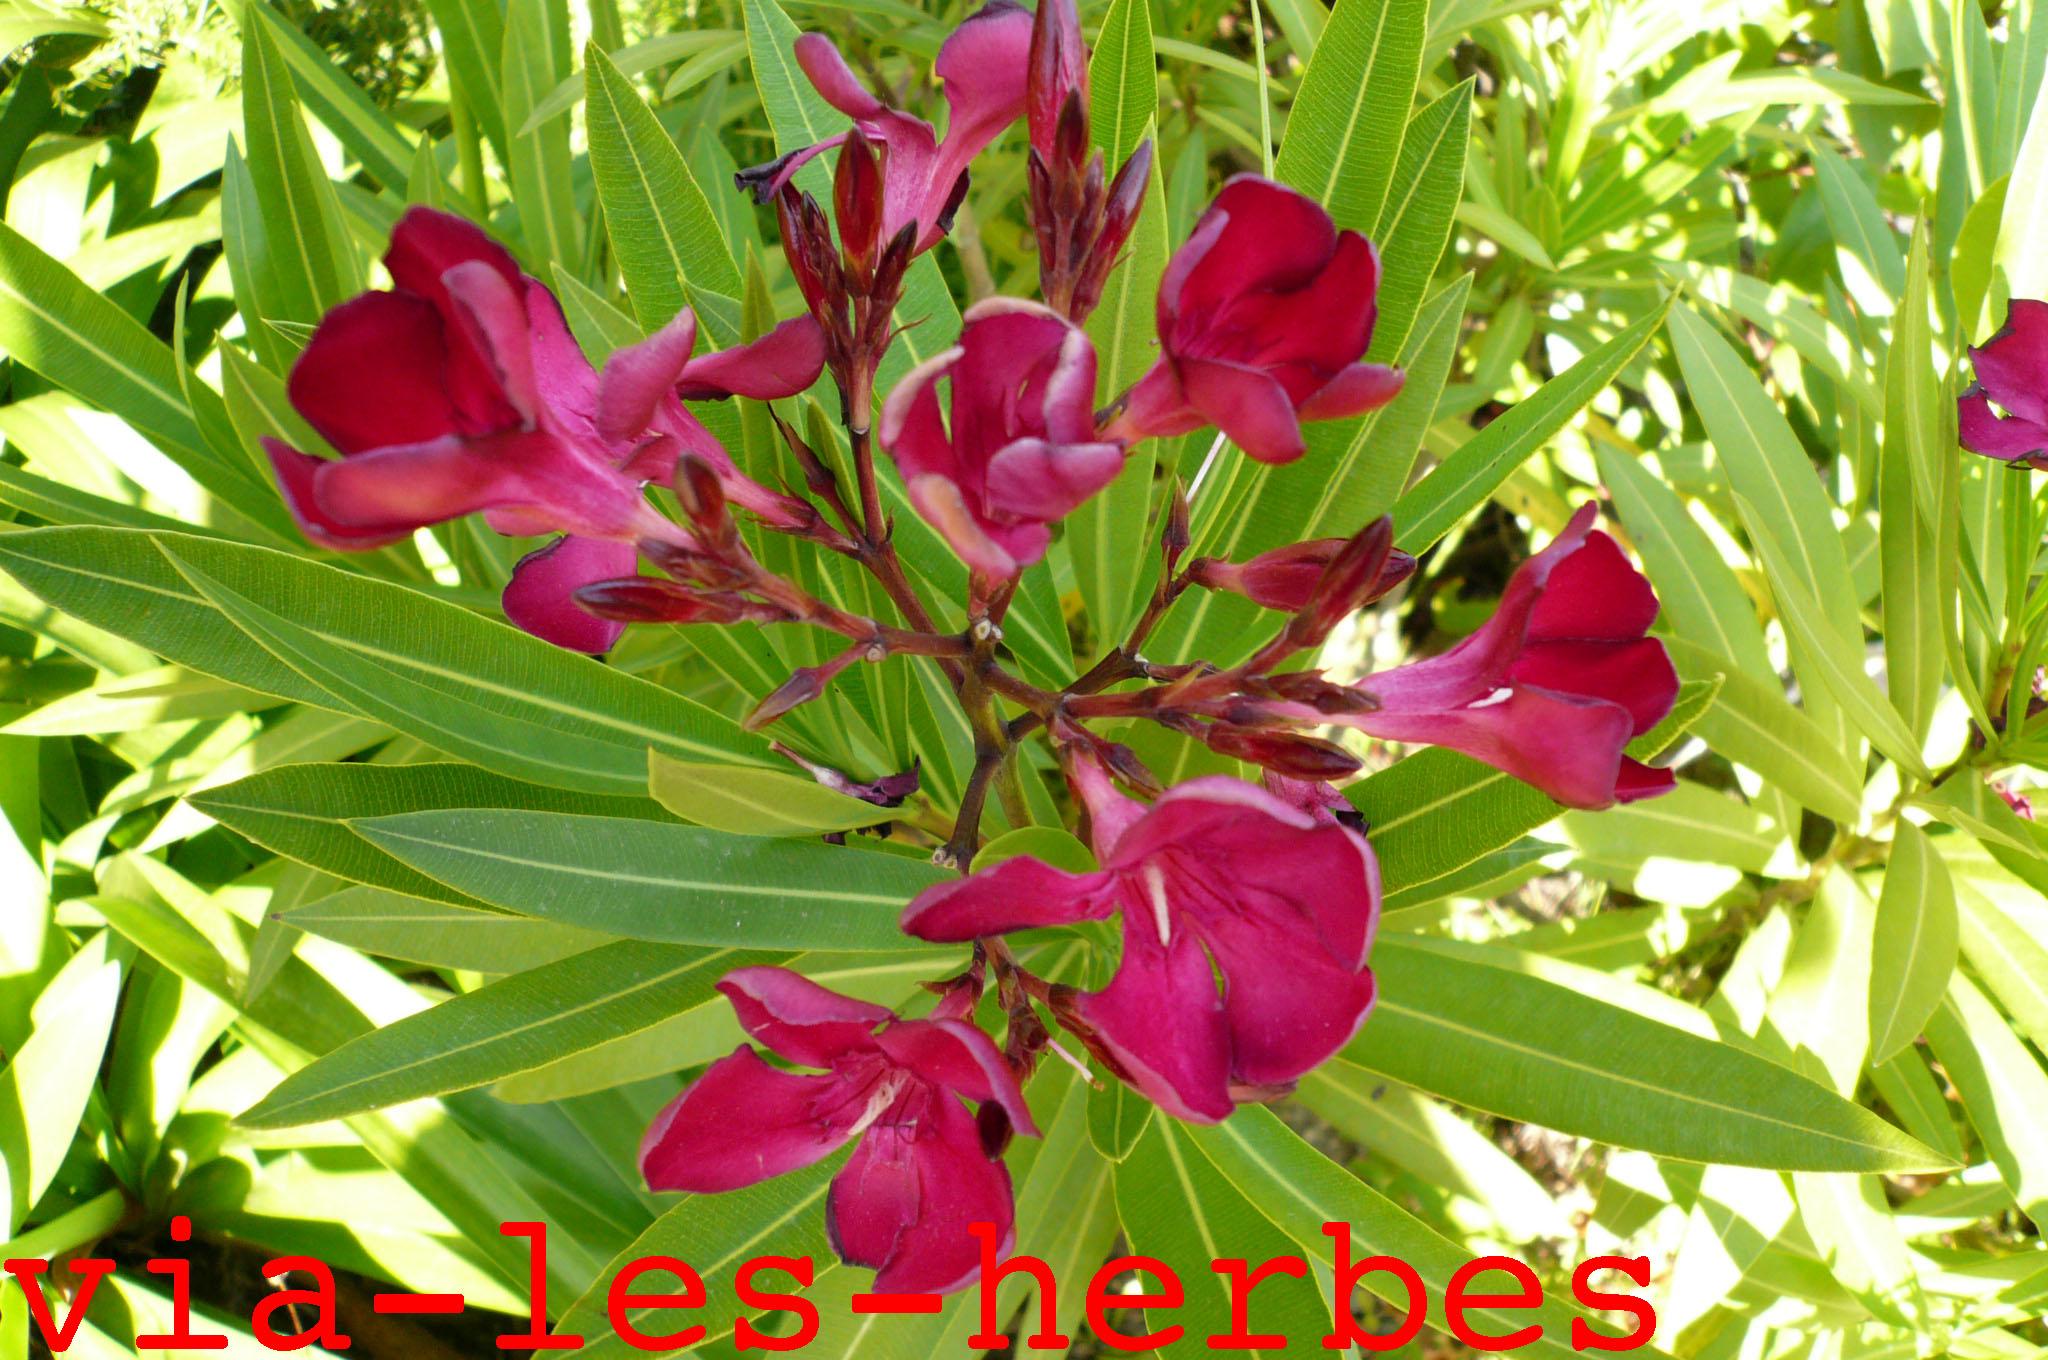 Le laurier rose plante tr s toxique via les herbes for Quand rempoter un laurier rose